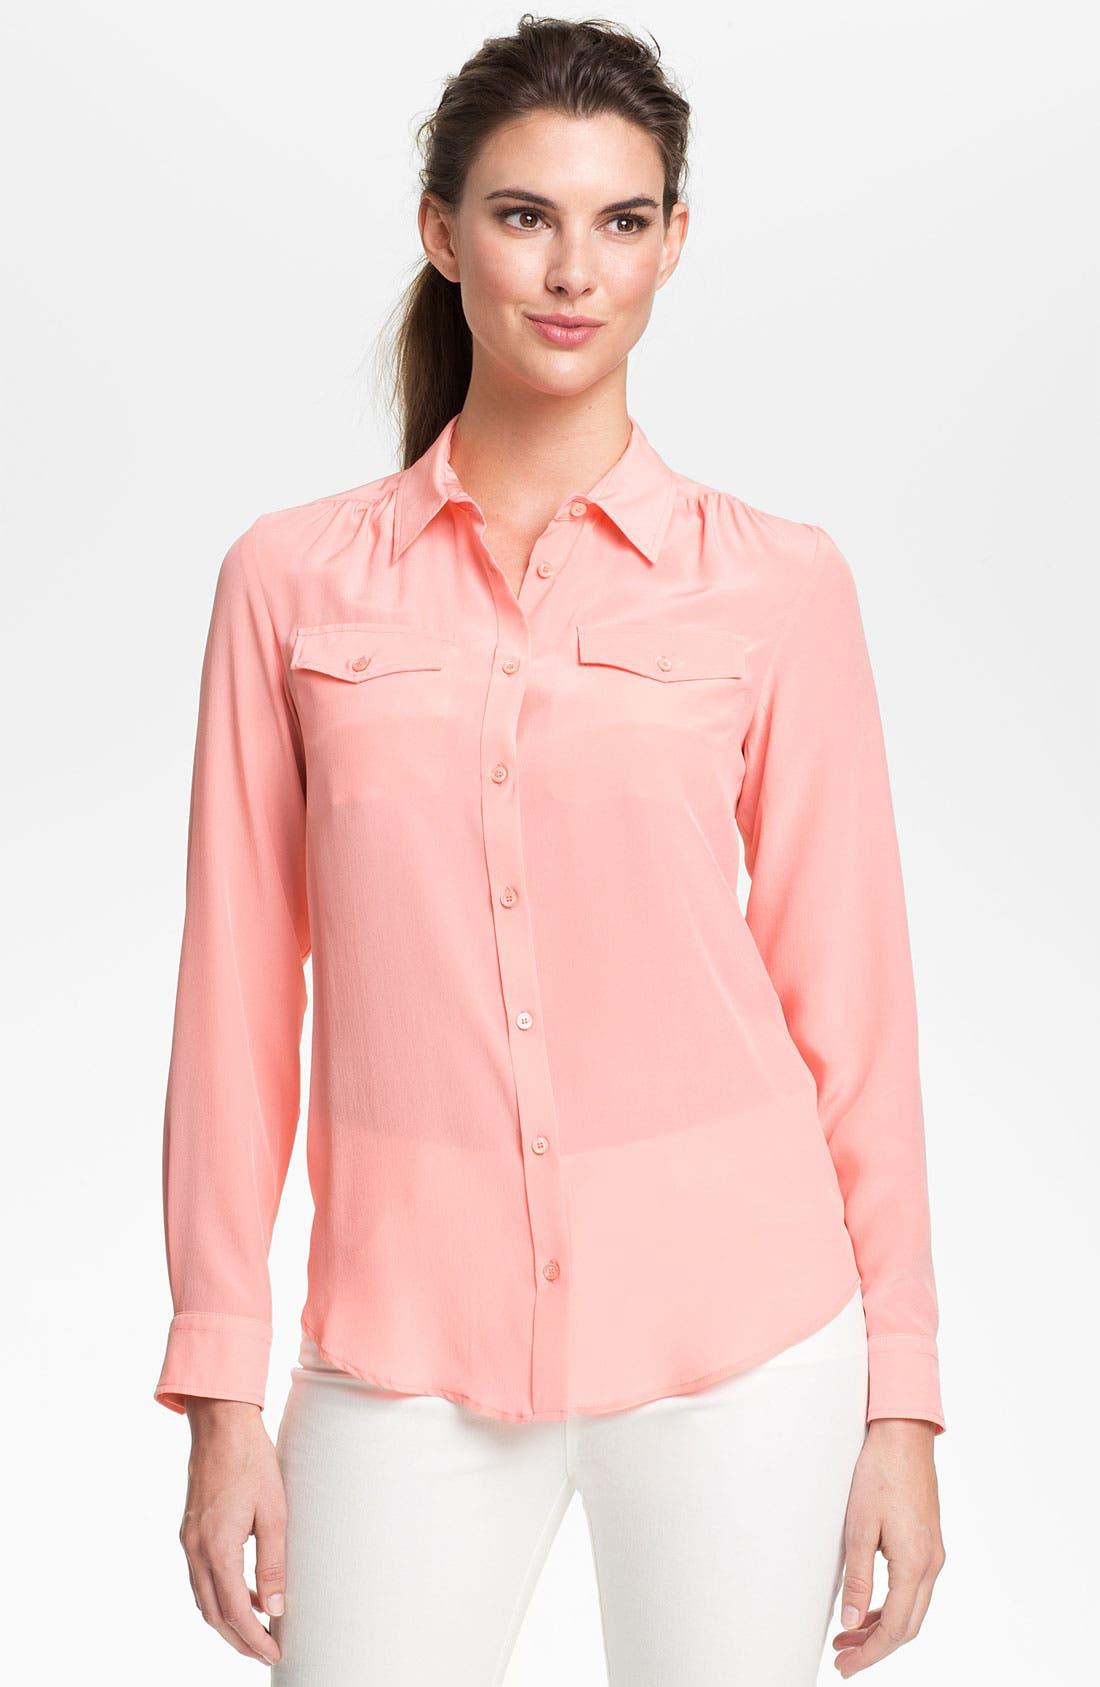 Alternate Image 1 Selected - Weekend Max Mara 'Udito' Shirt